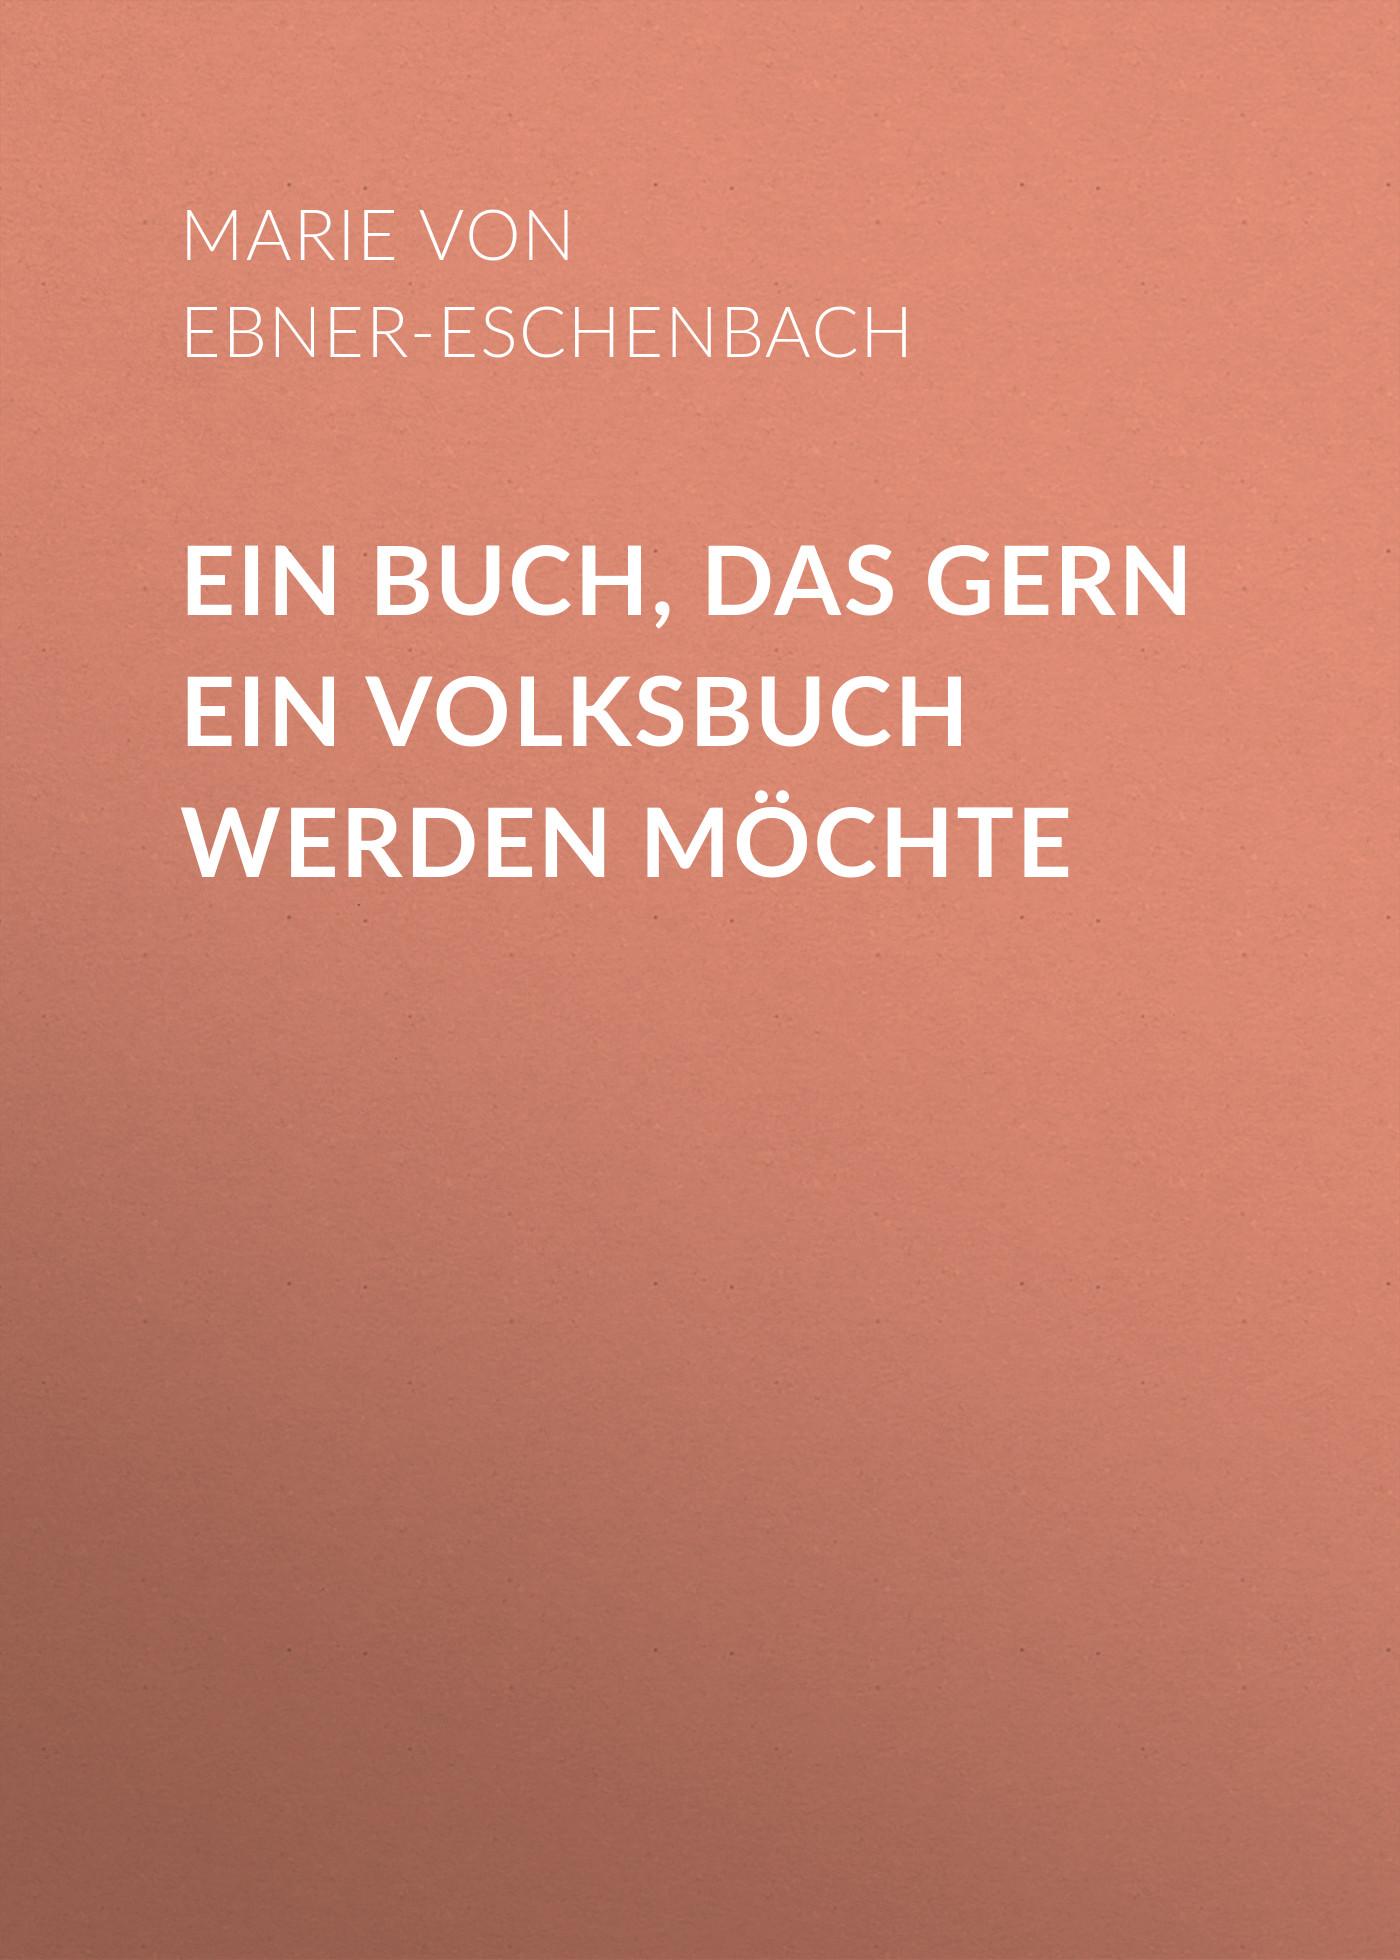 Marie von Ebner-Eschenbach Ein Buch, das gern ein Volksbuch werden möchte o straus ein walzertraum